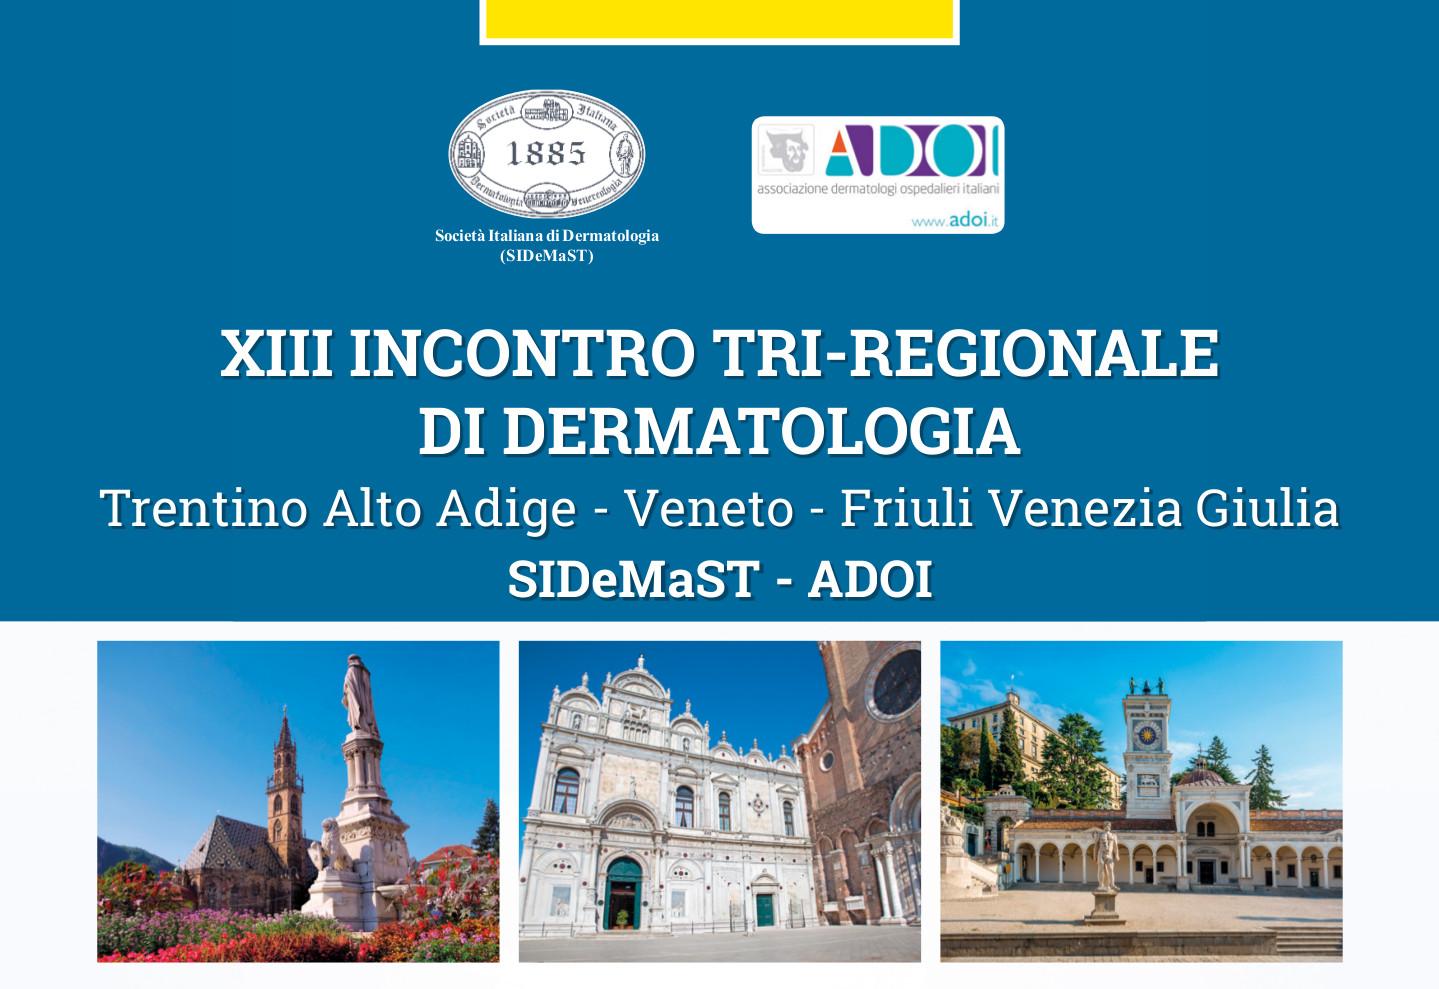 XIII Incontro Tri-Regionale di Dermatologia